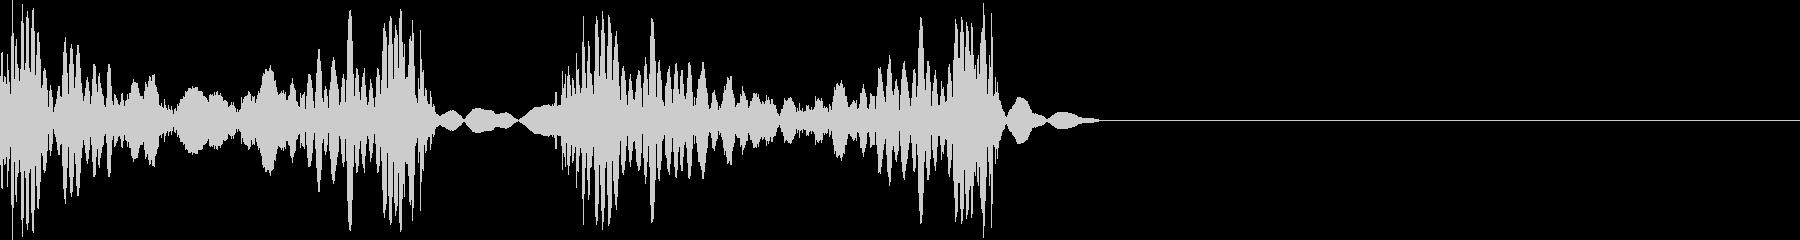 スクラッチ 音 シンプルの未再生の波形